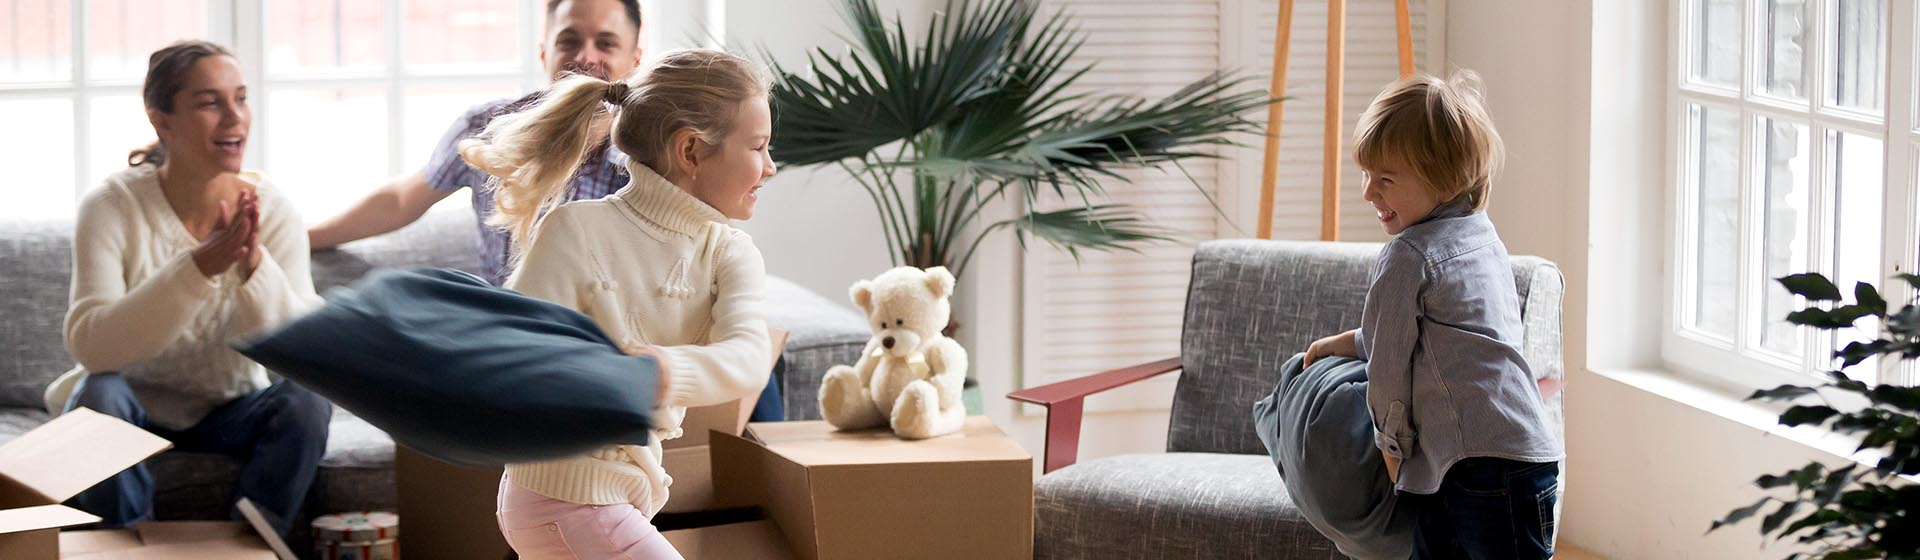 Kun je je inboedelverzekering opzeggen bij verhuizen?